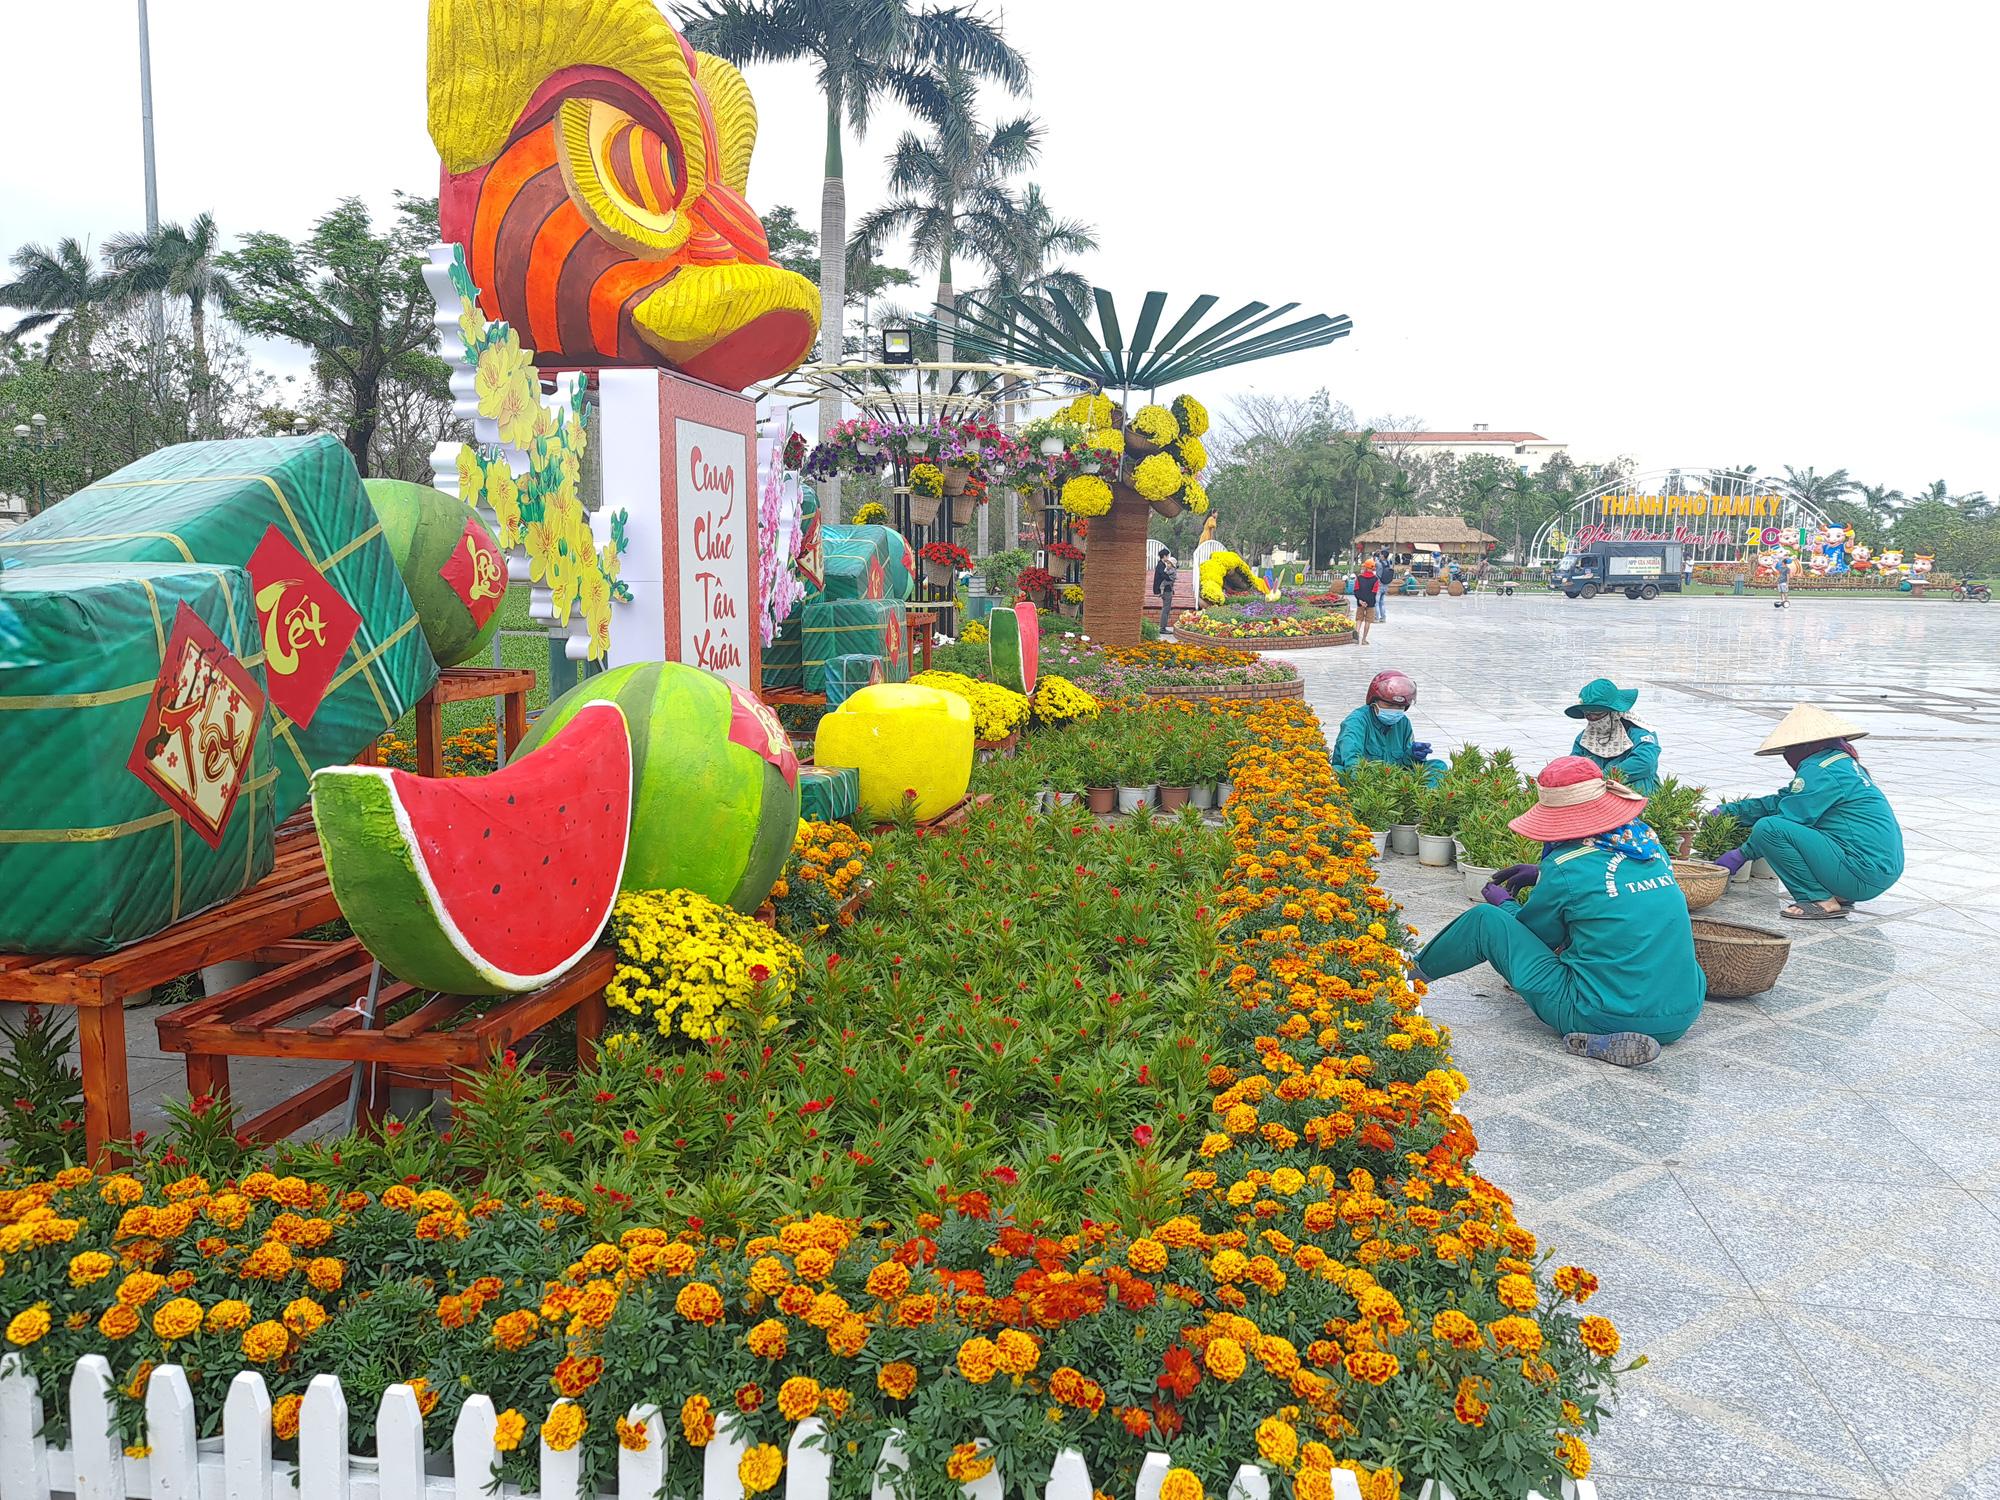 Quảng trường lớn nhất tỉnh Quảng Nam được trang trí bằng đồ nhà nông và hàng chục loại hoa sắc sảo - Ảnh 11.